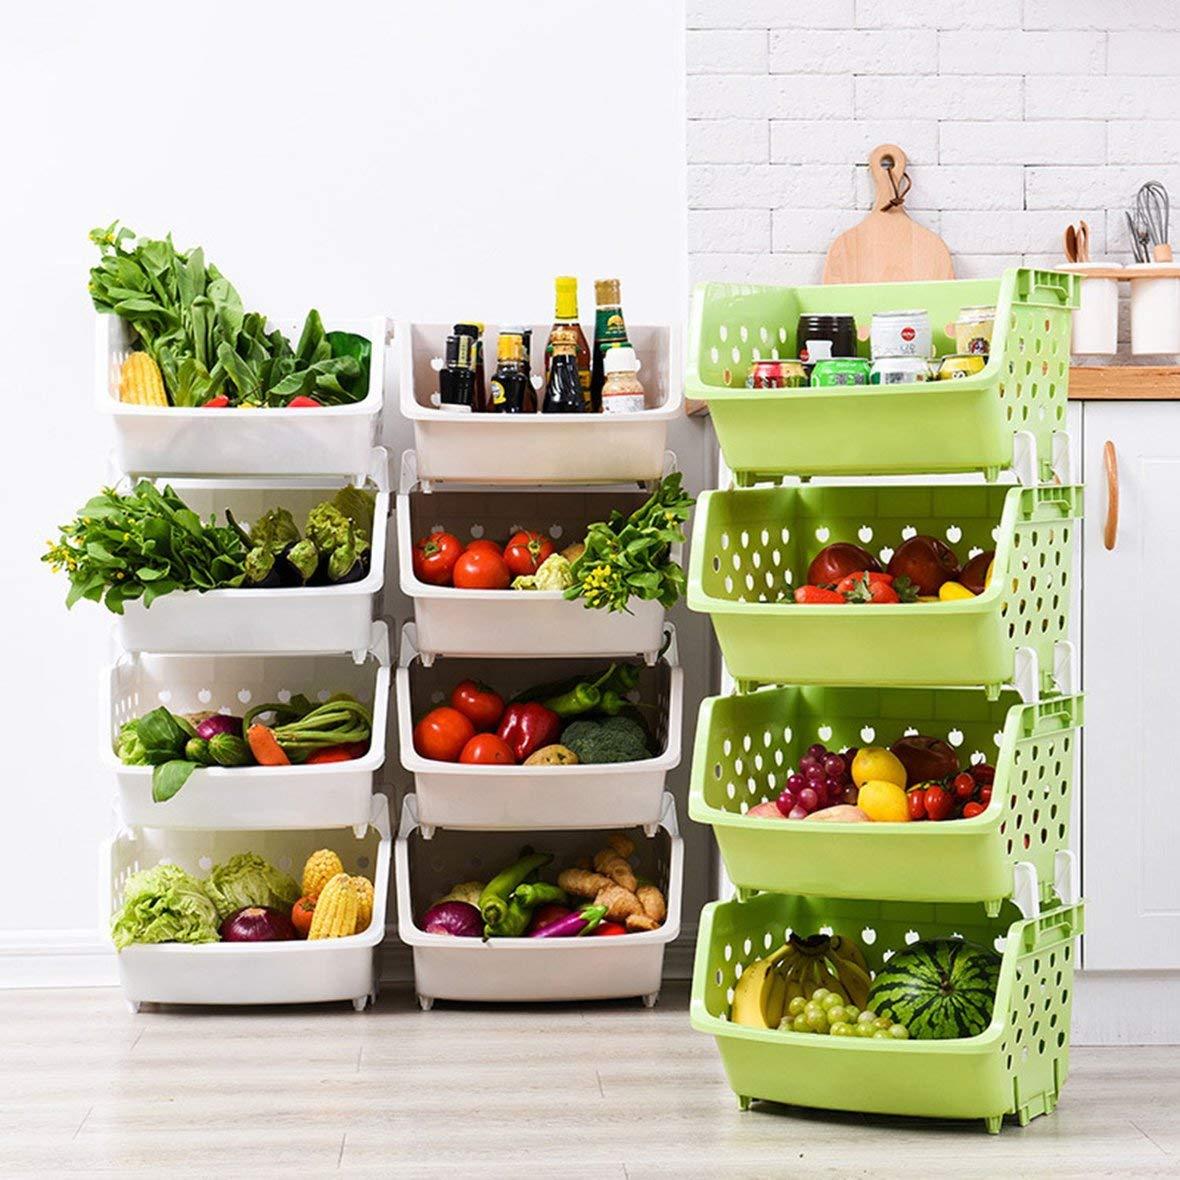 Heaviesk Estanter/ía de Cocina apilable de 4 Capas Cesta de Frutas y Verduras Verde.